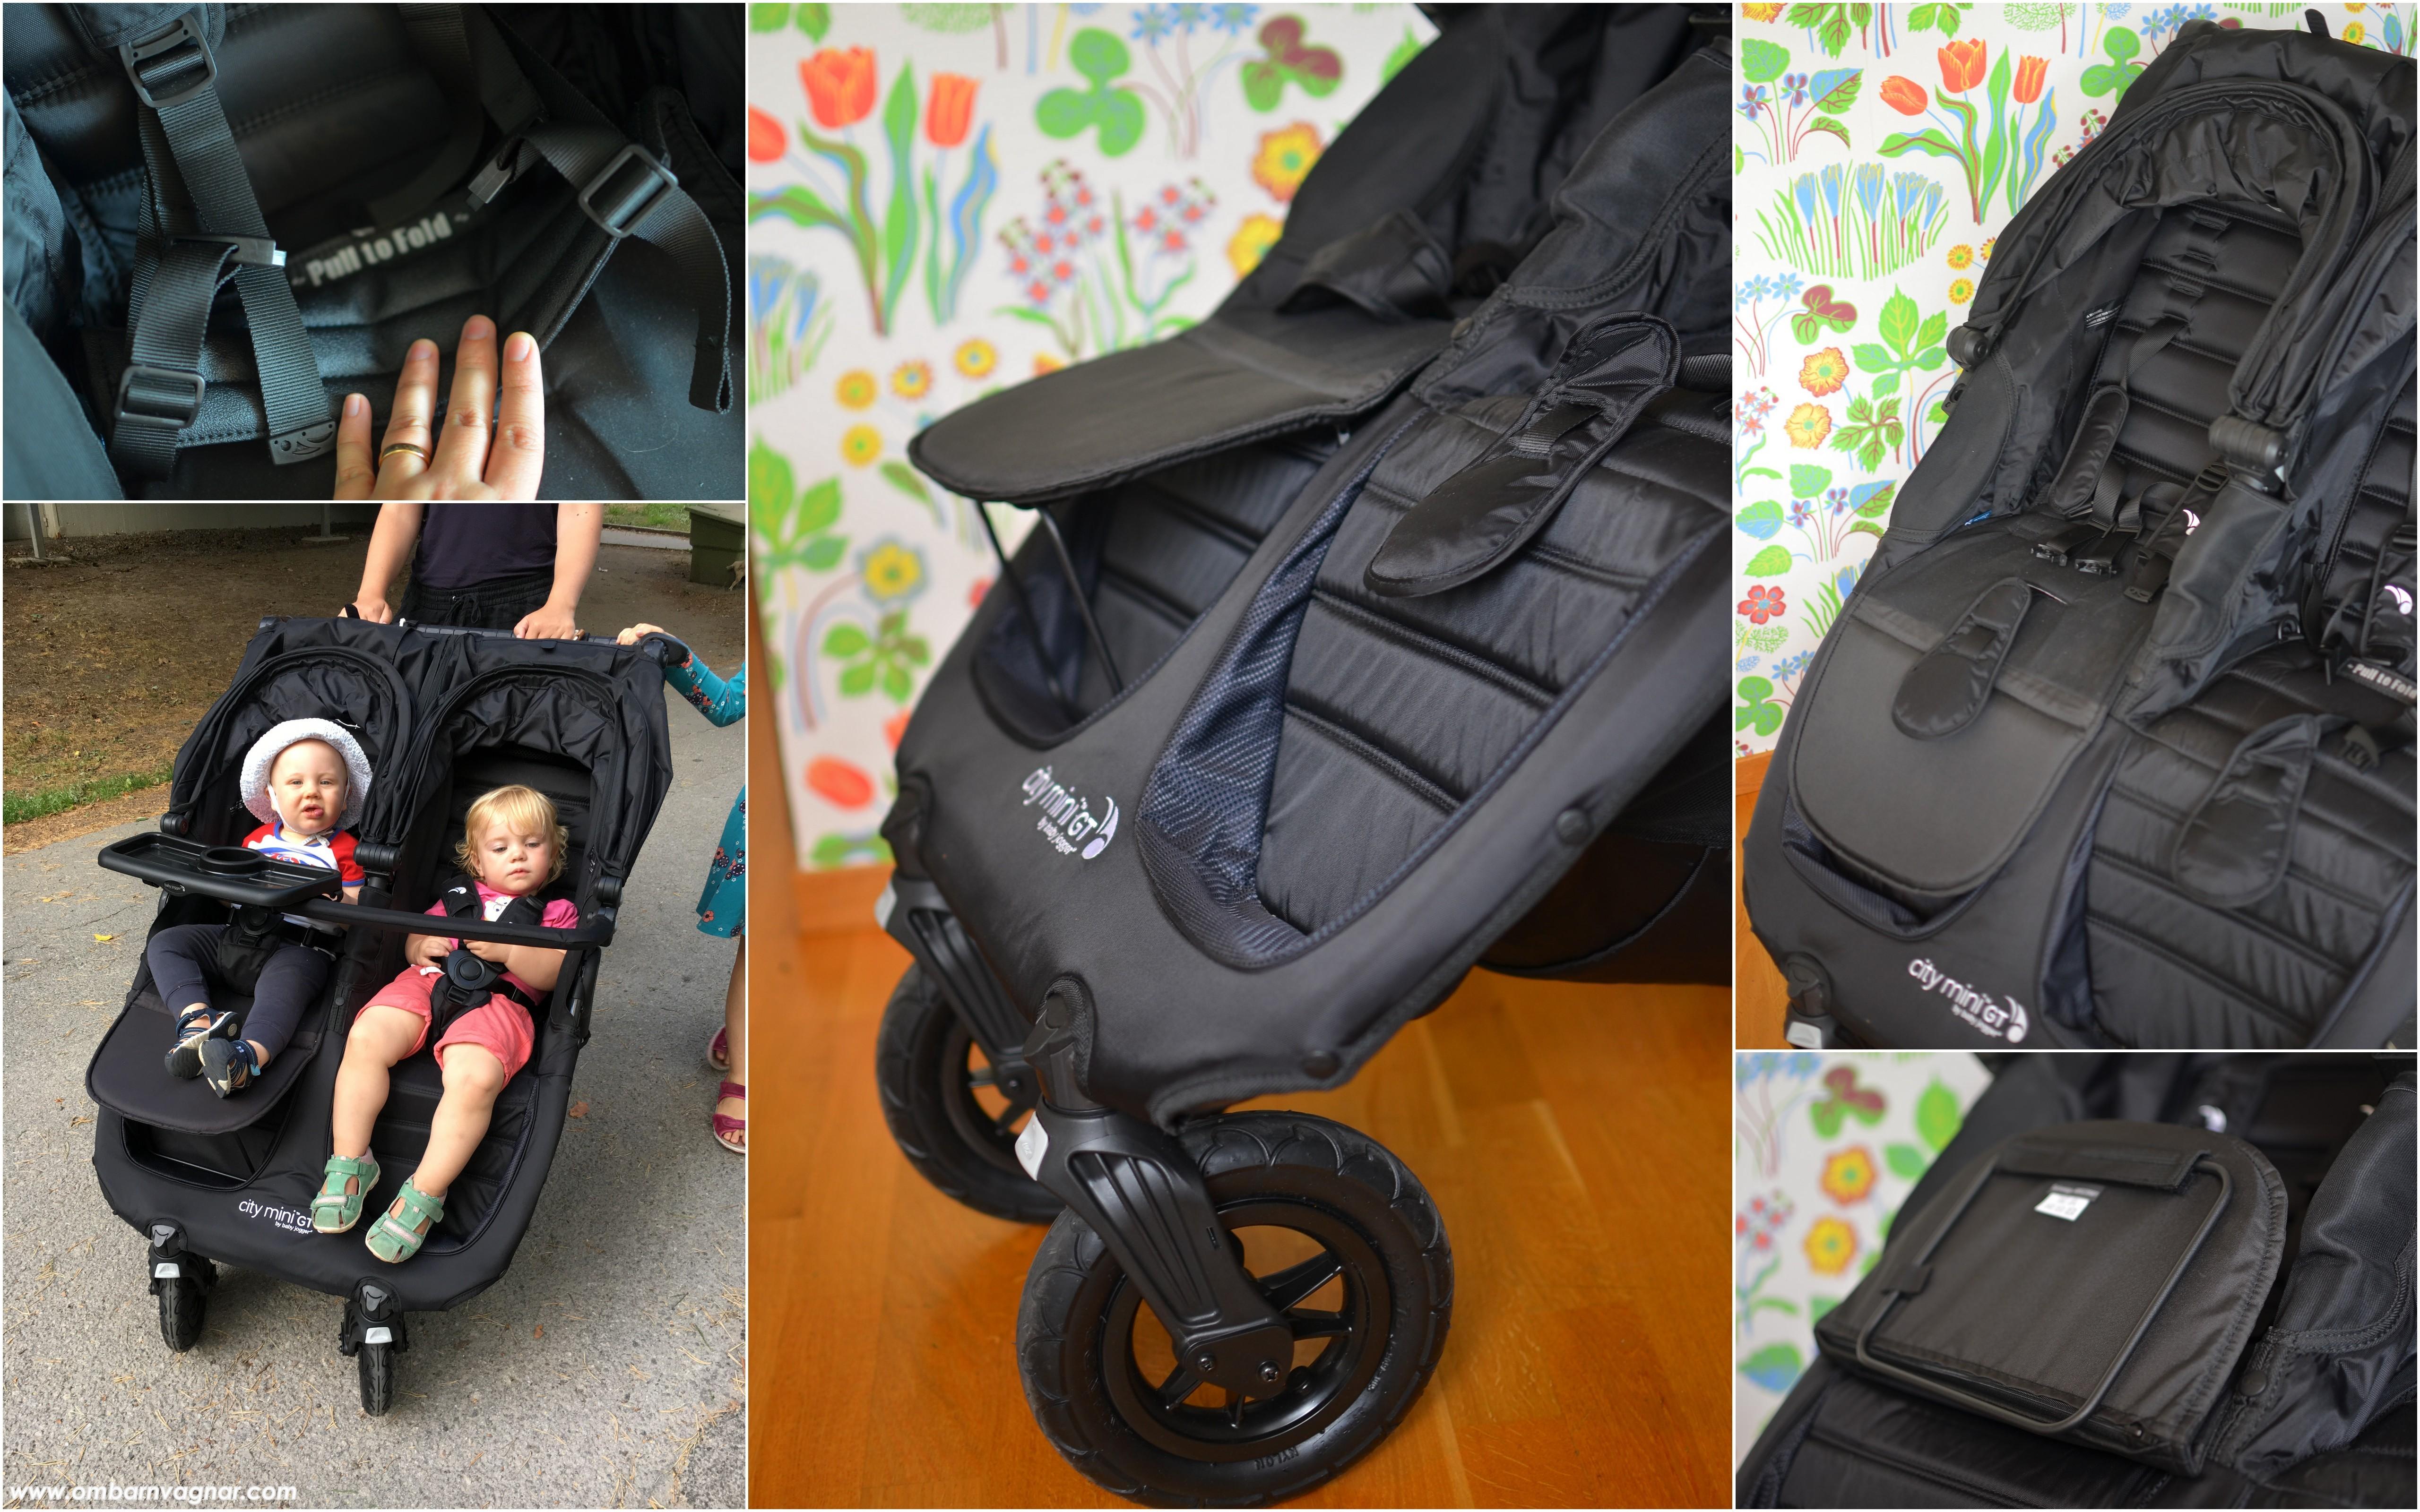 Ställbart fotstöd kan köpas till som tillbehör till Baby Jogger City Mini GT Double